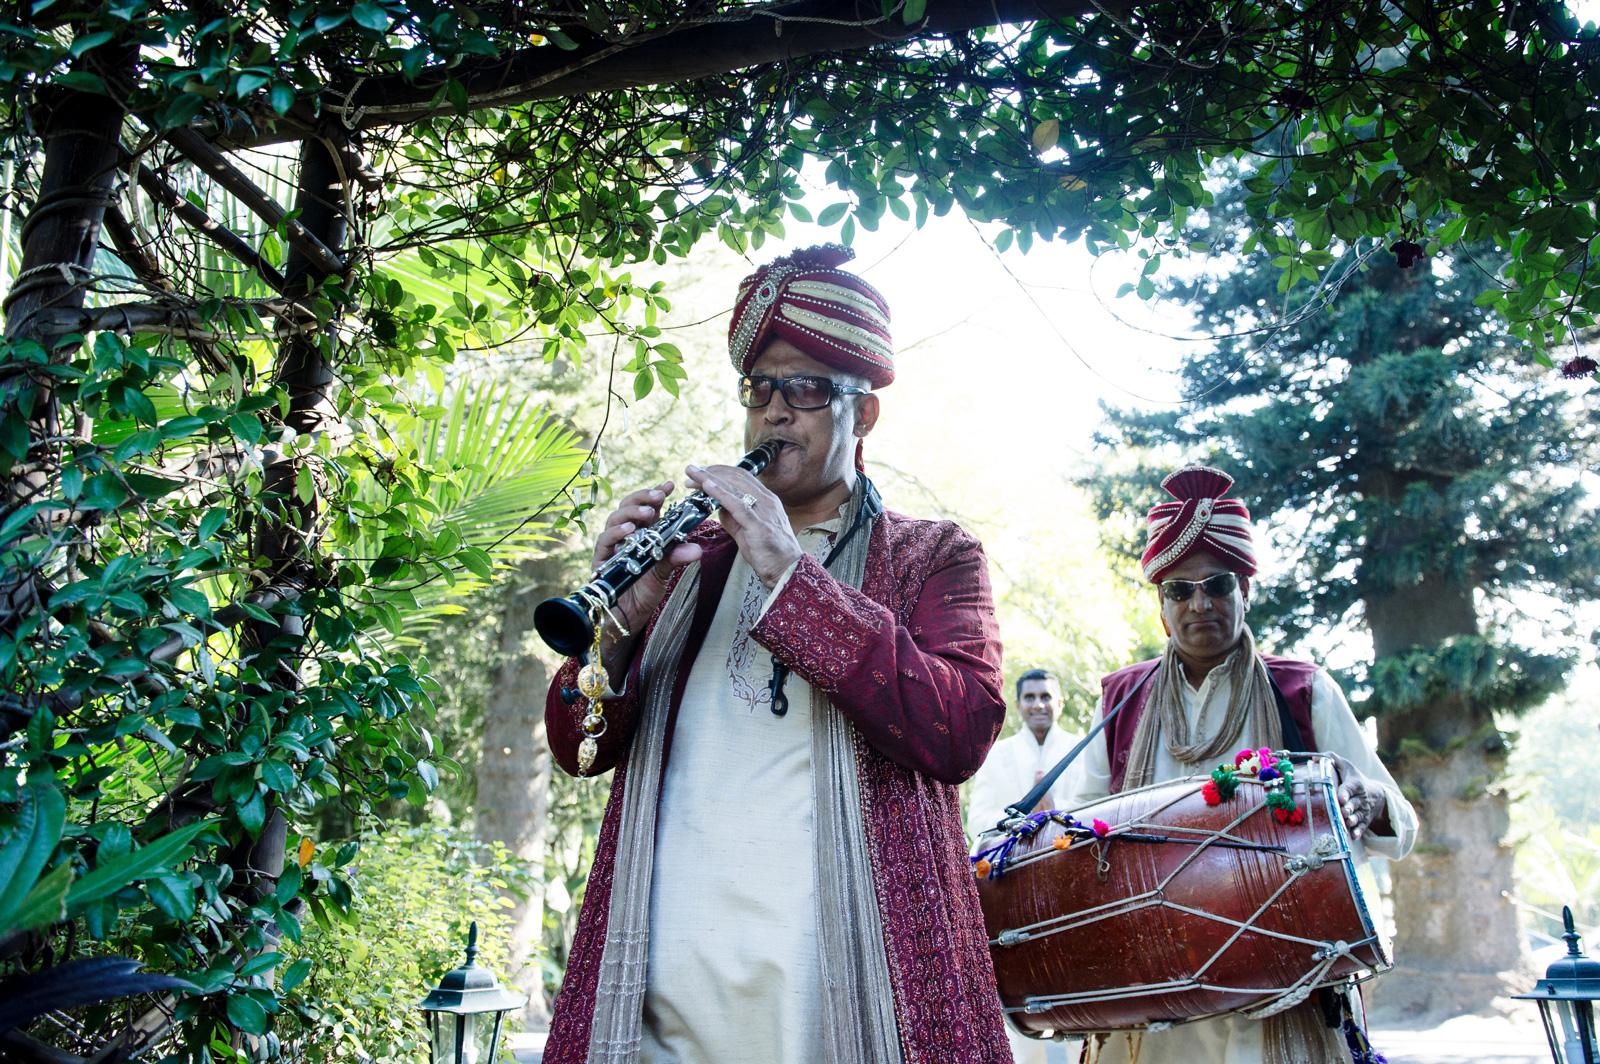 hindu music at wedding